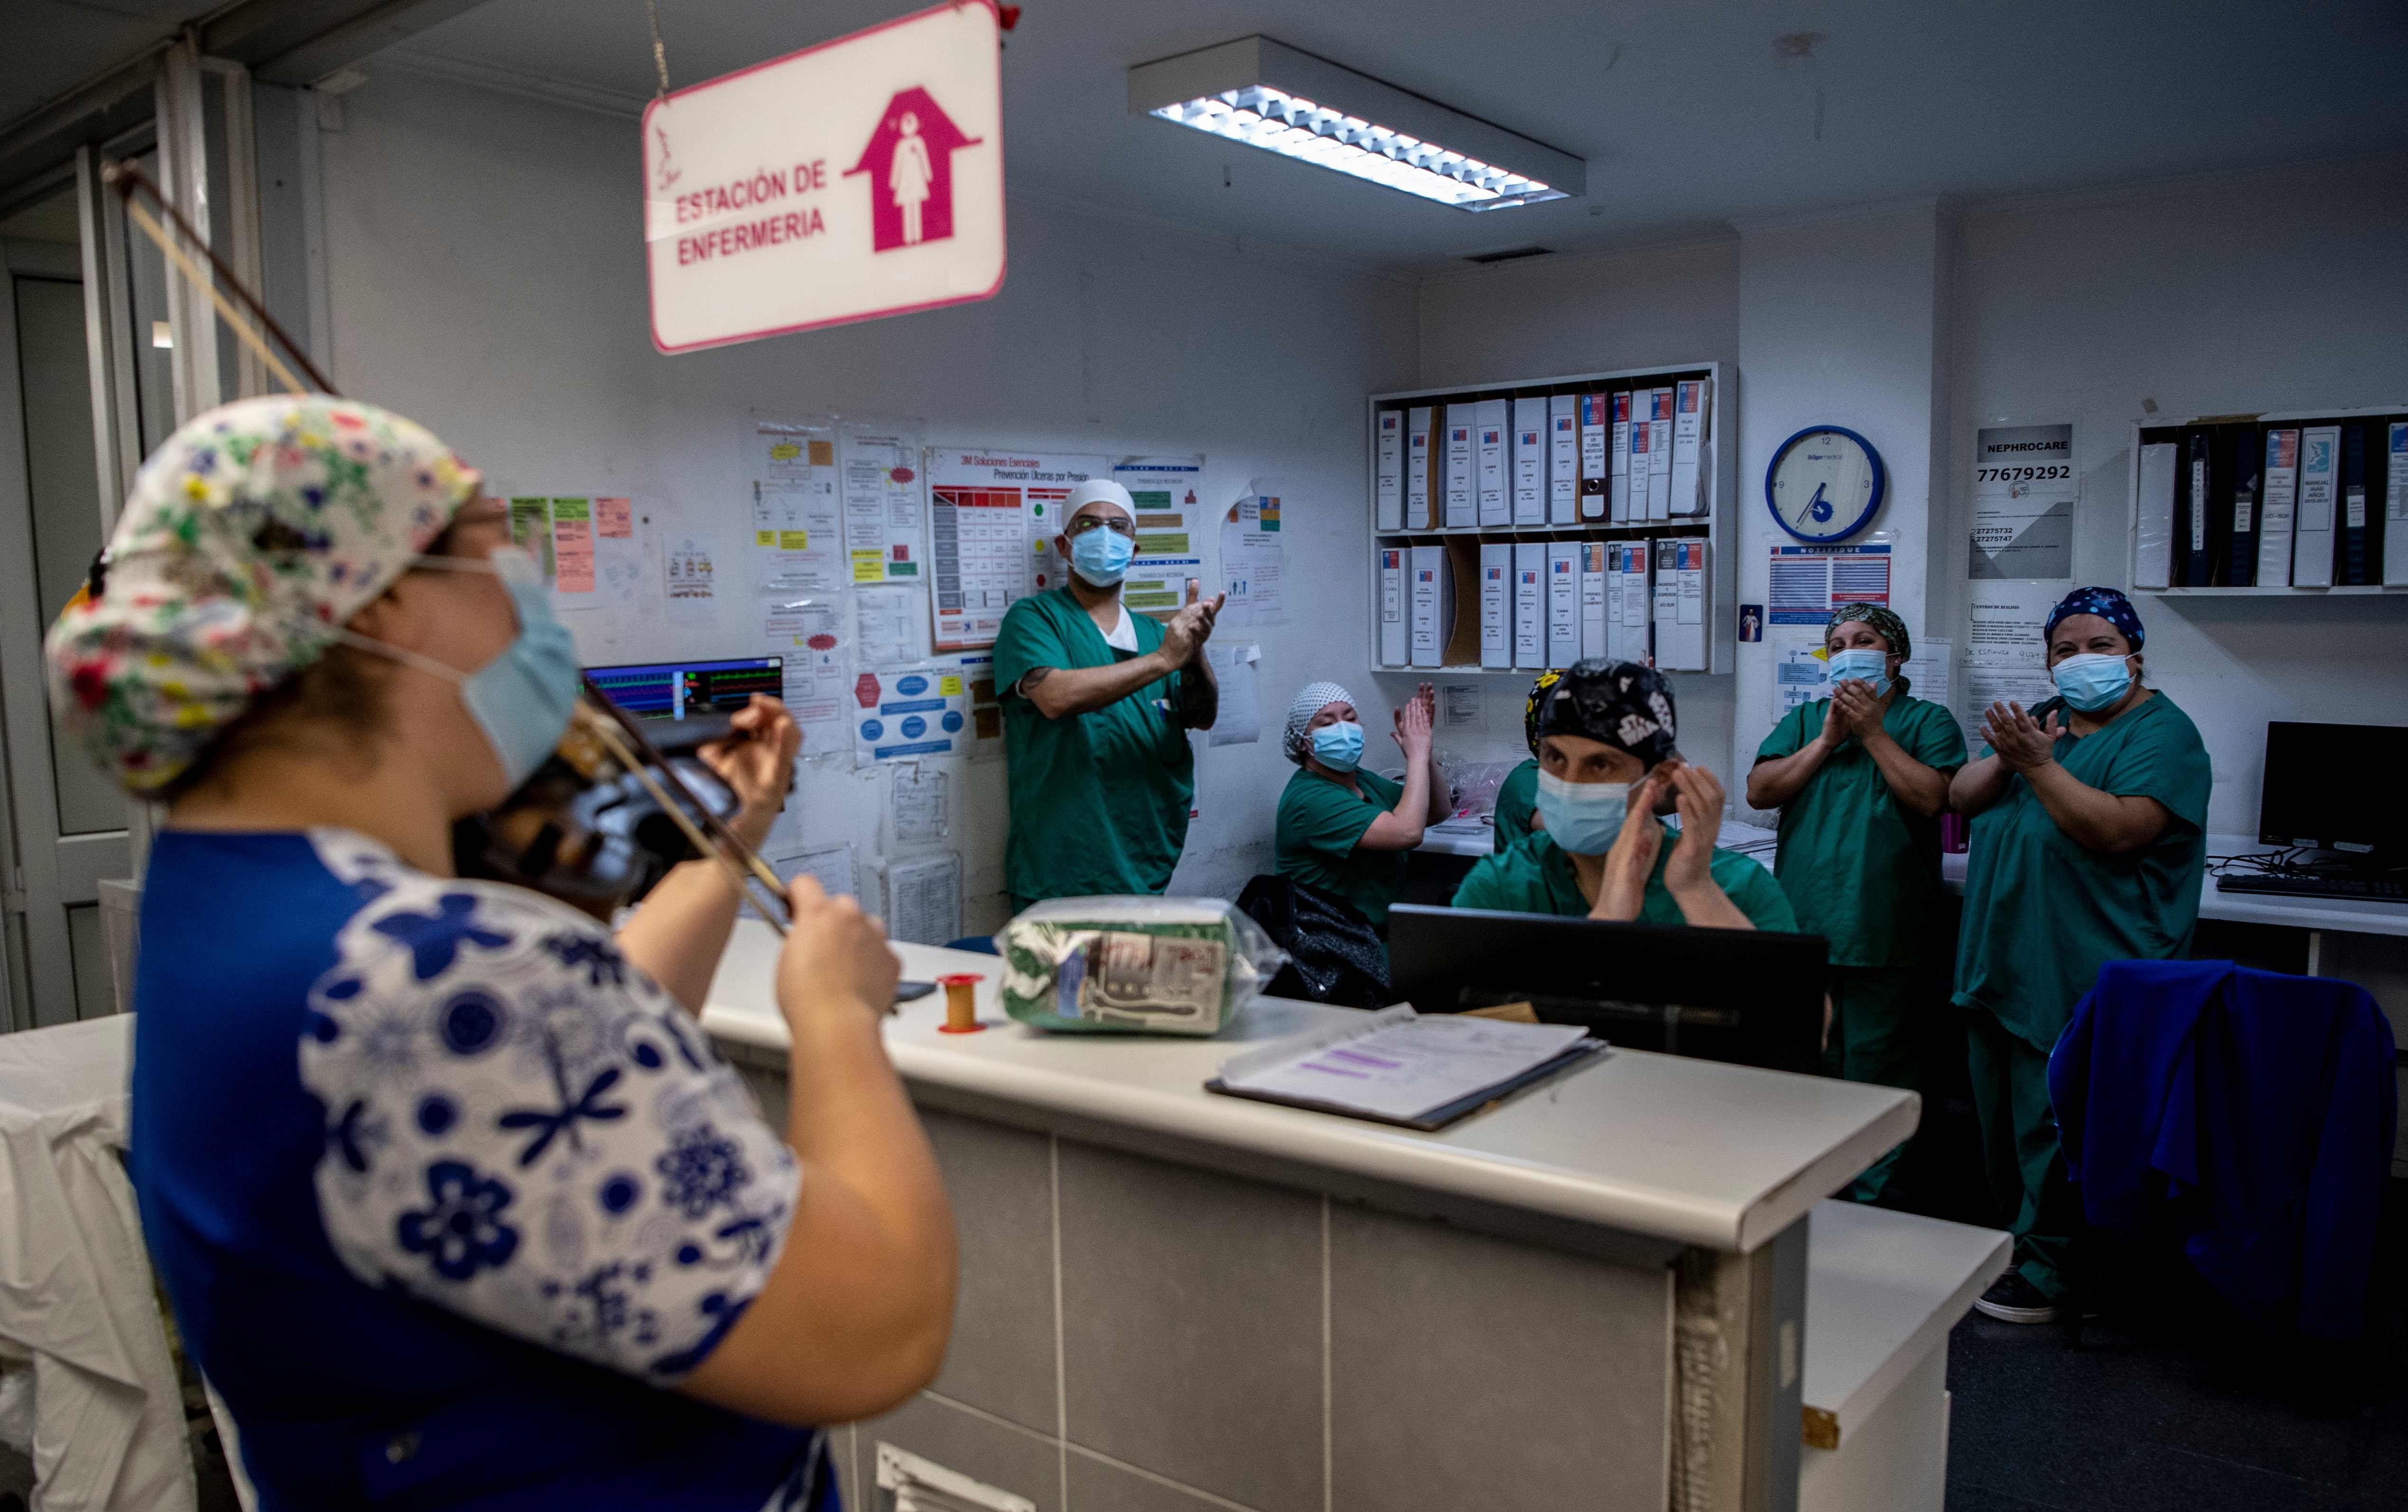 智利:新冠病房里的琴声悠扬